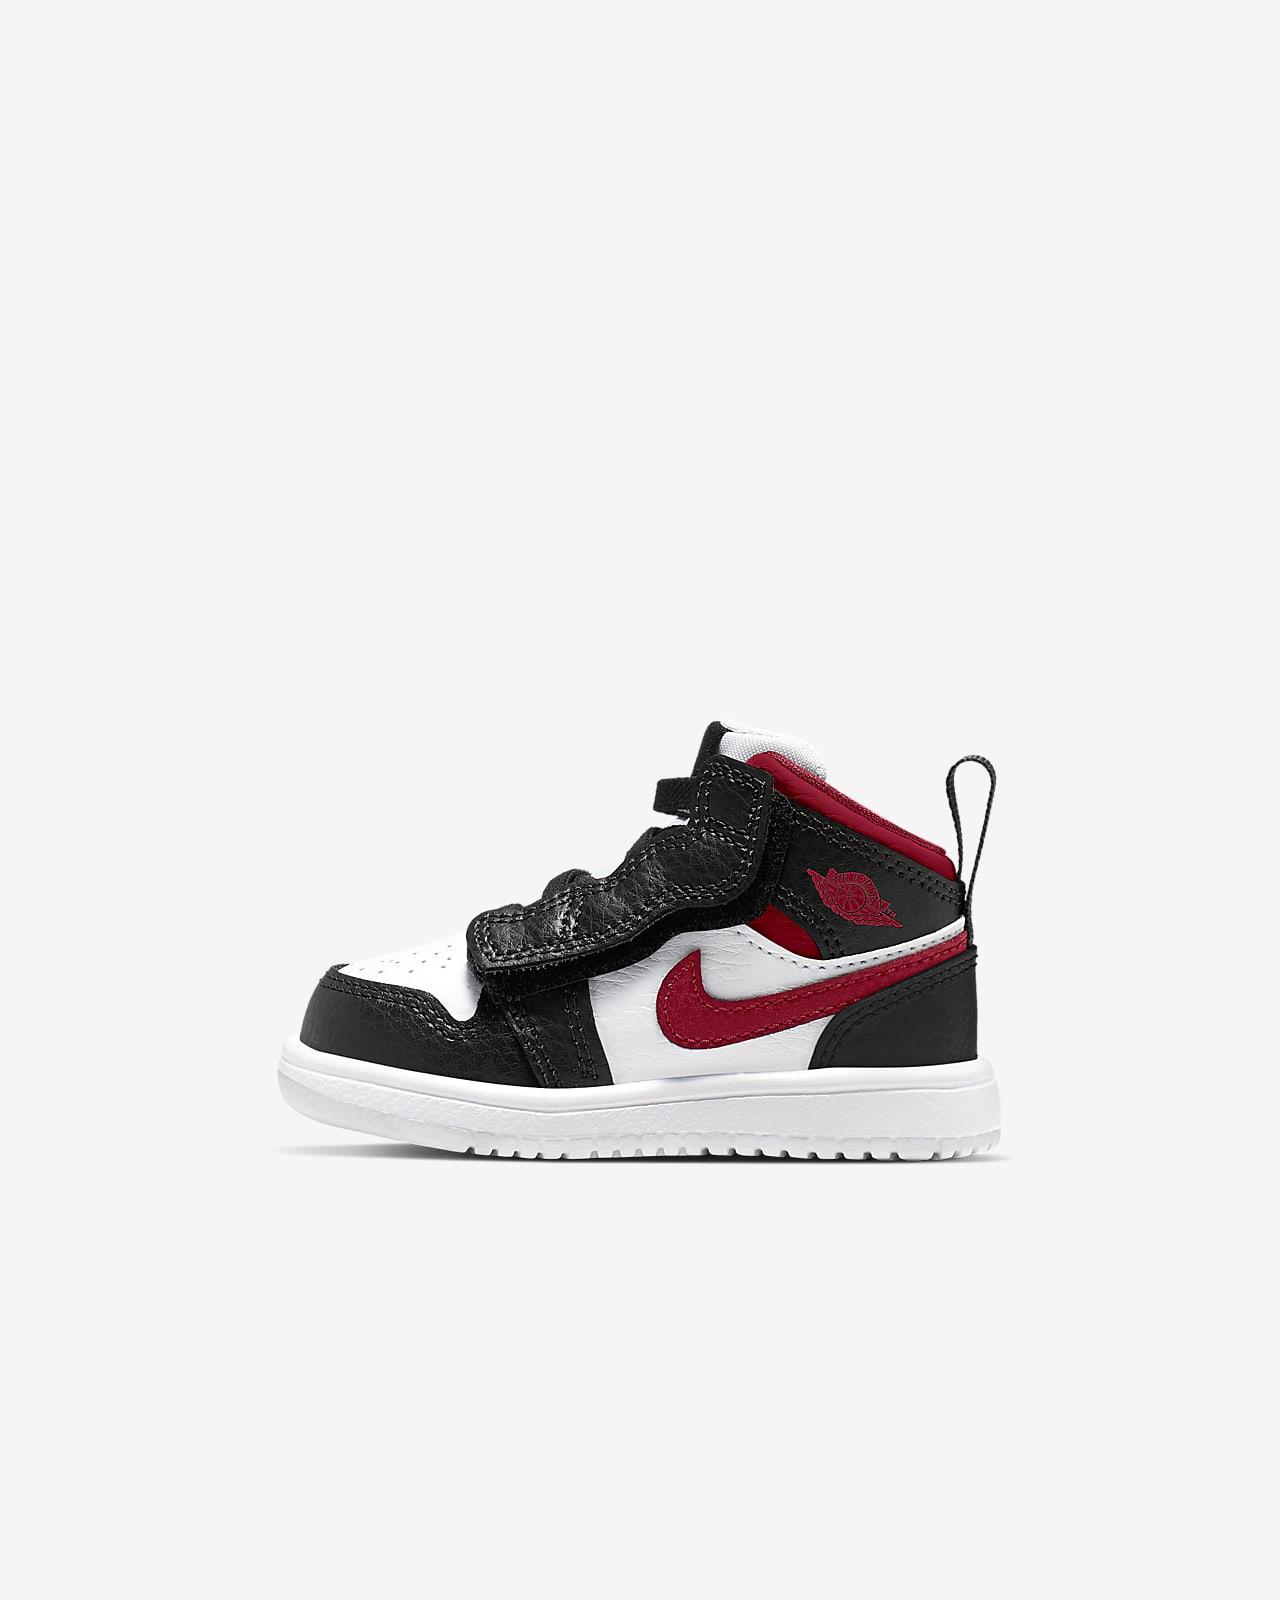 Jordan 1 中筒嬰幼兒鞋款